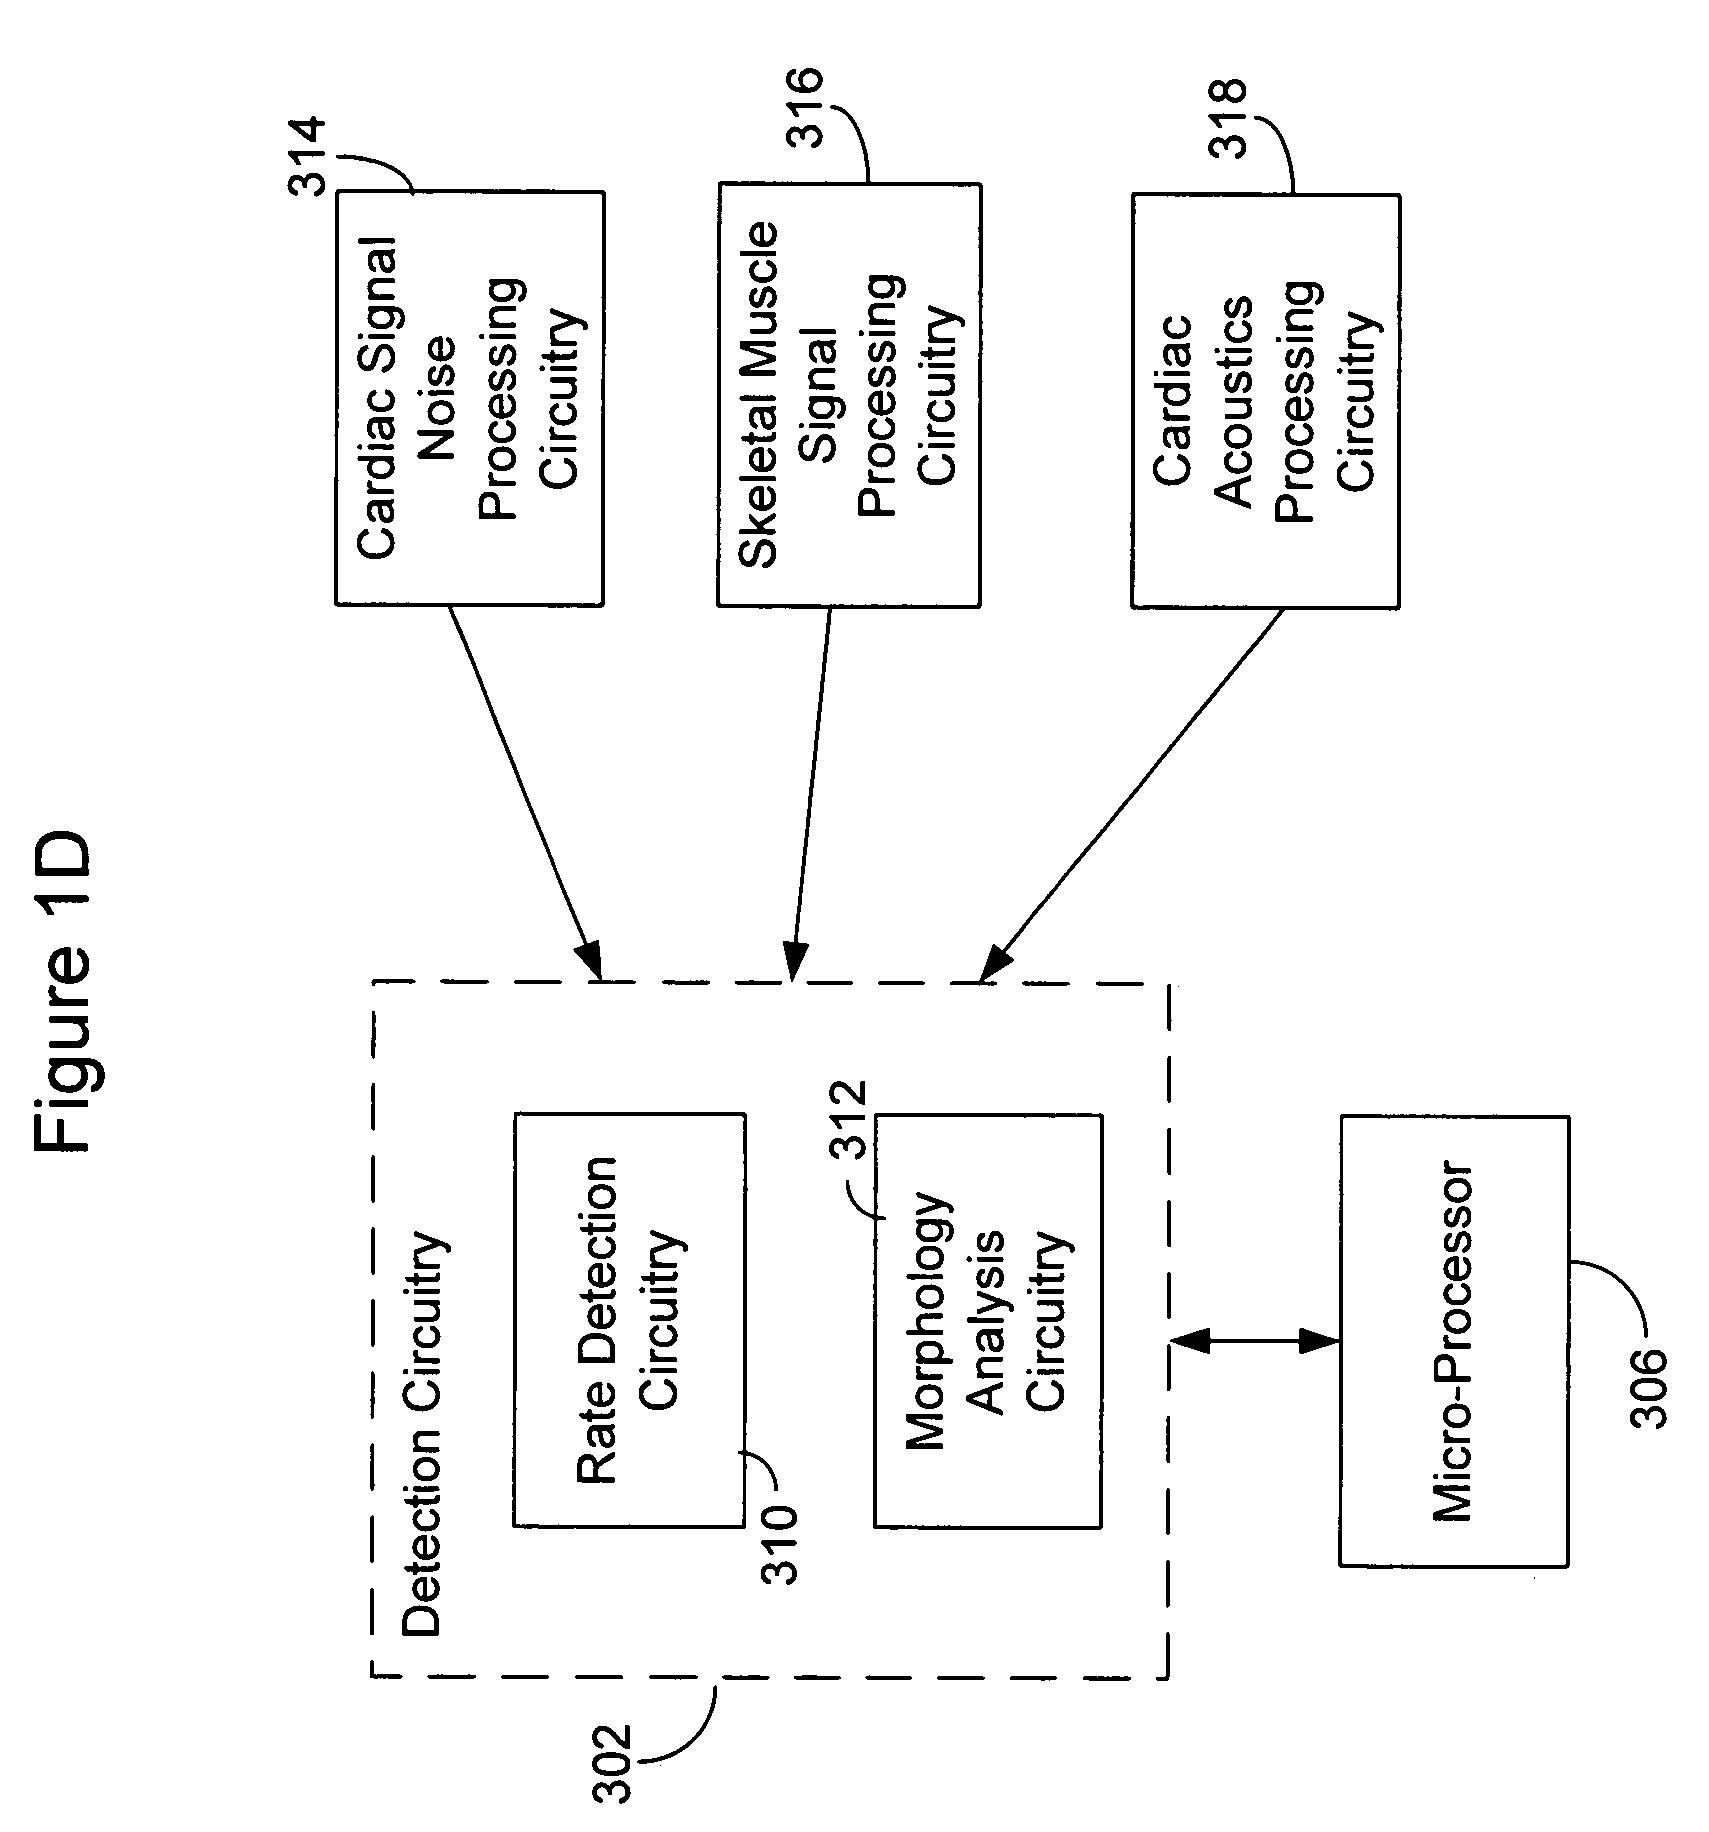 patent us7236819